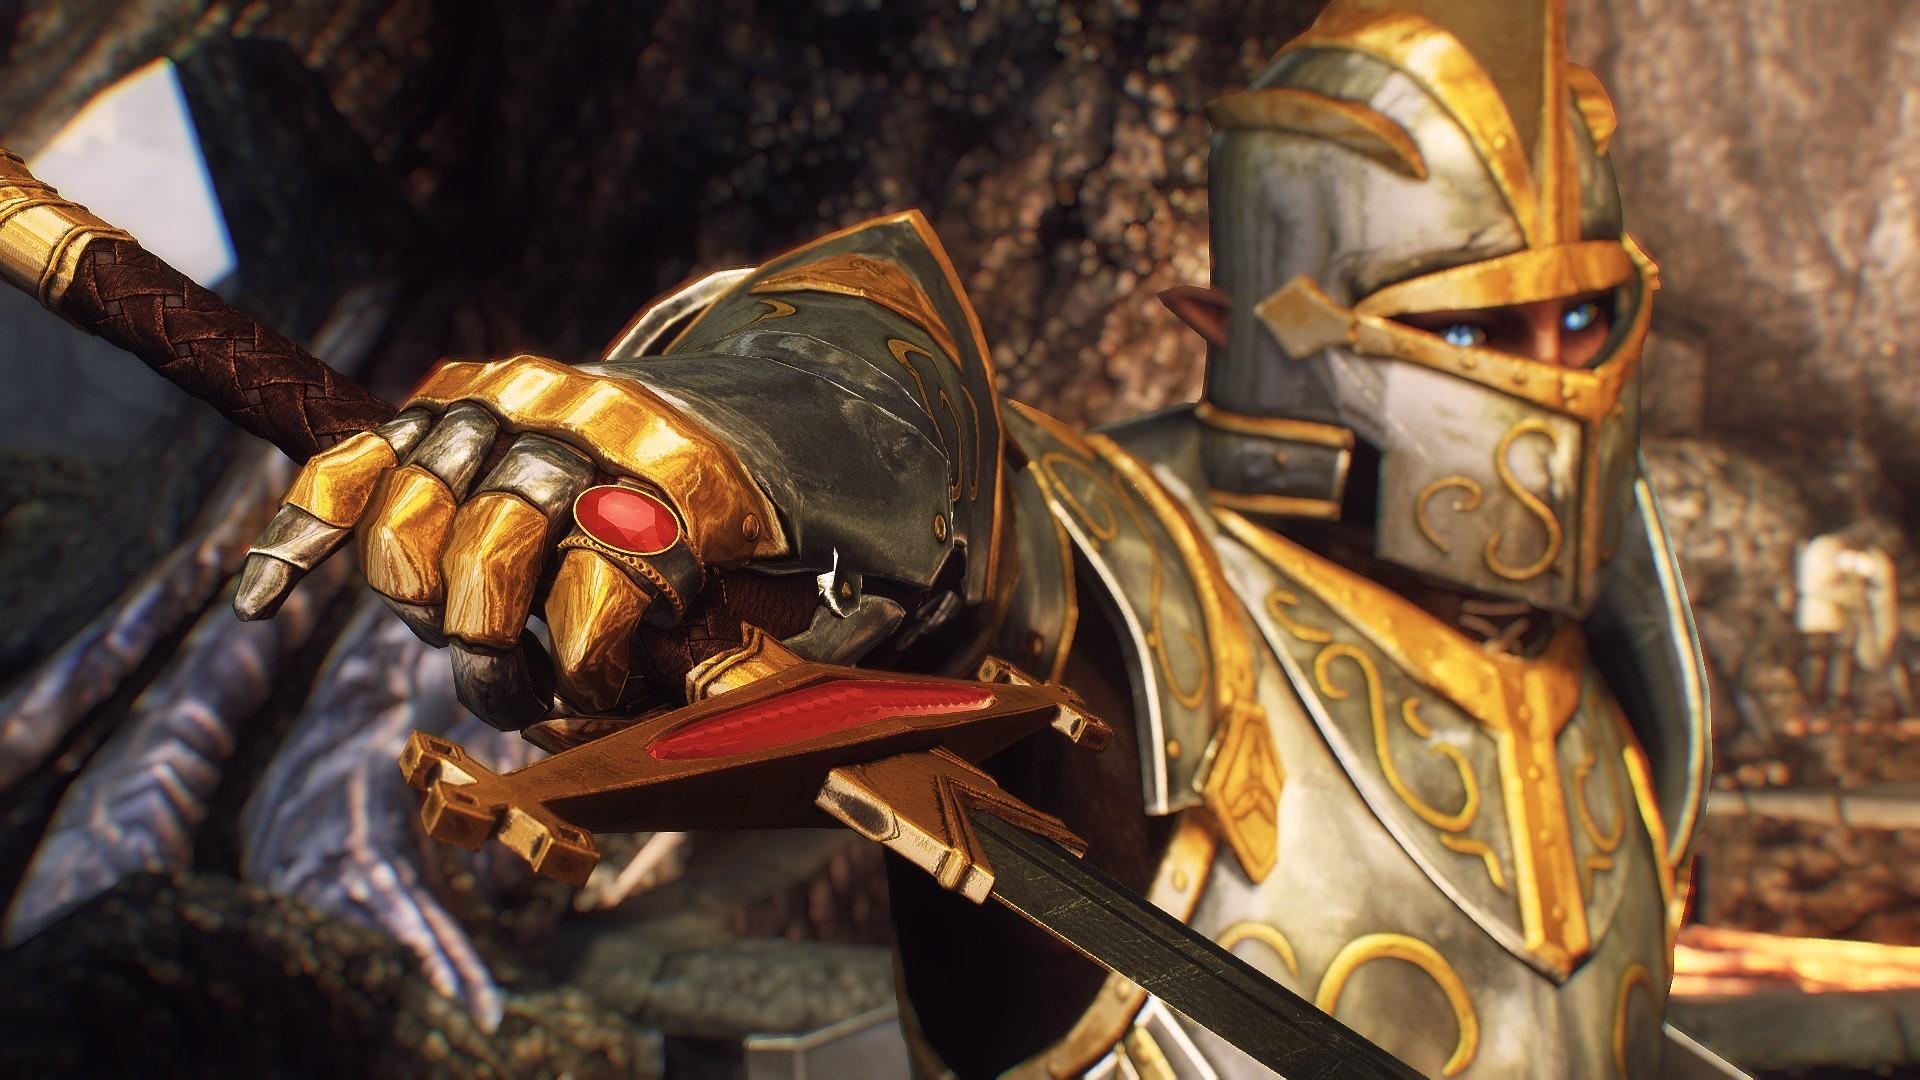 Скачать мод на скайрим на броню паладина